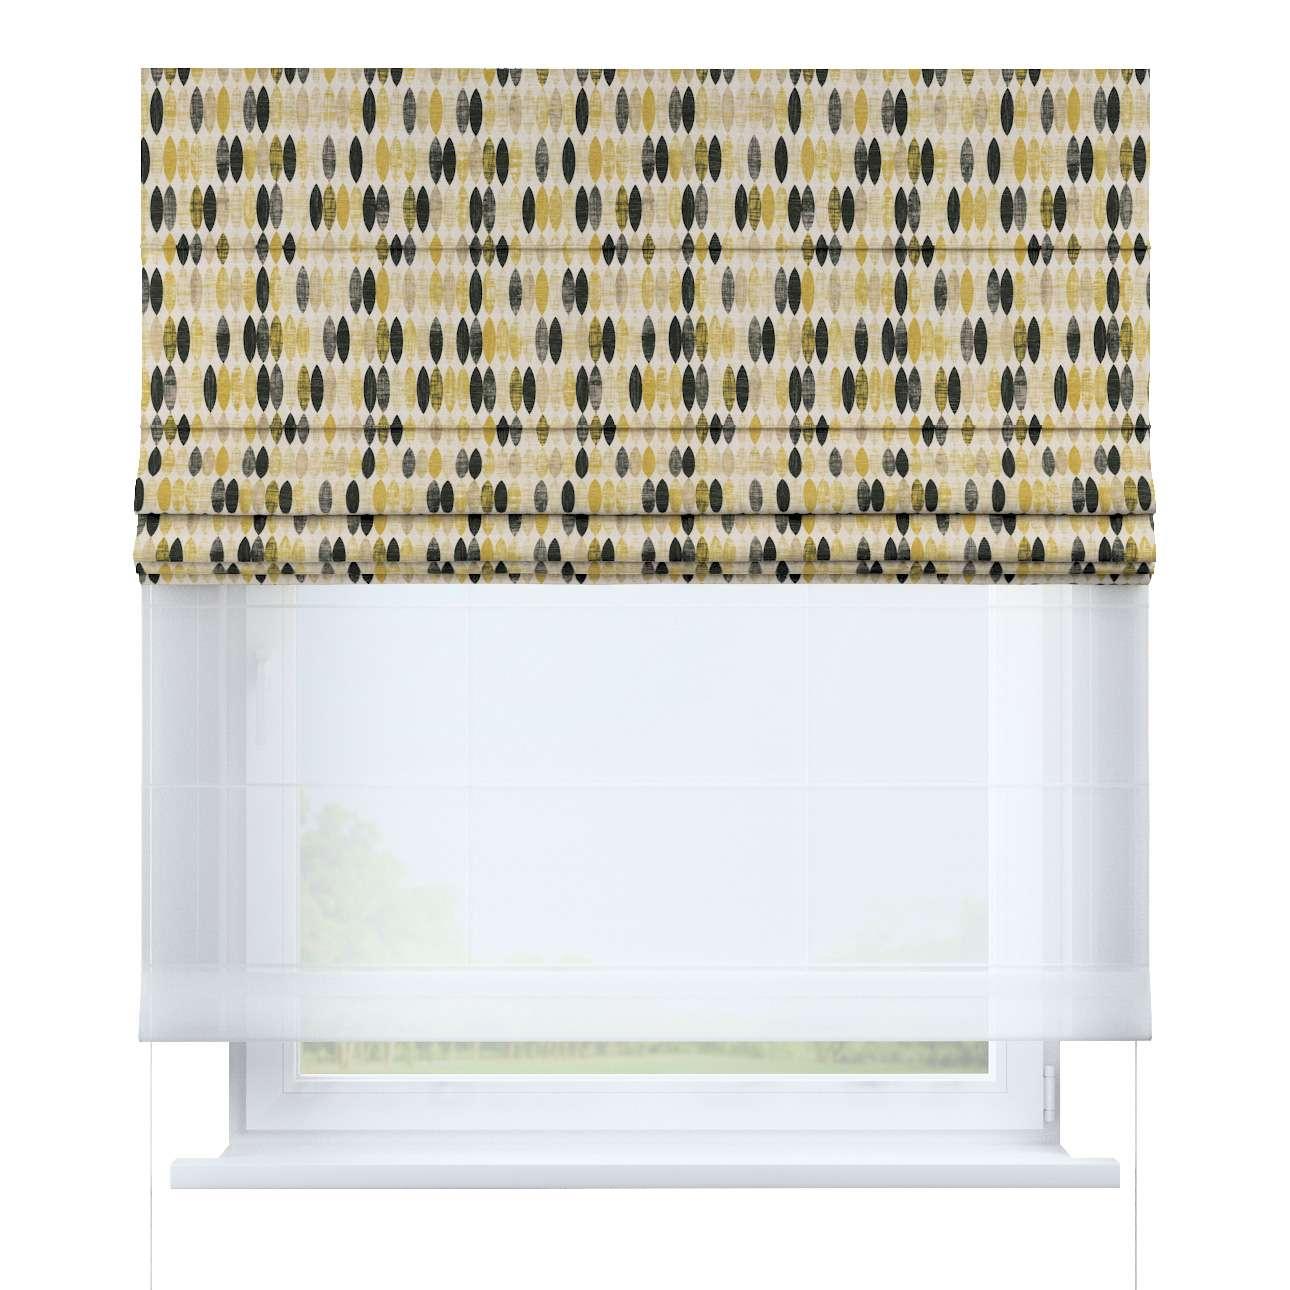 Rímska DUO roleta II V kolekcii Modern, tkanina: 142-99